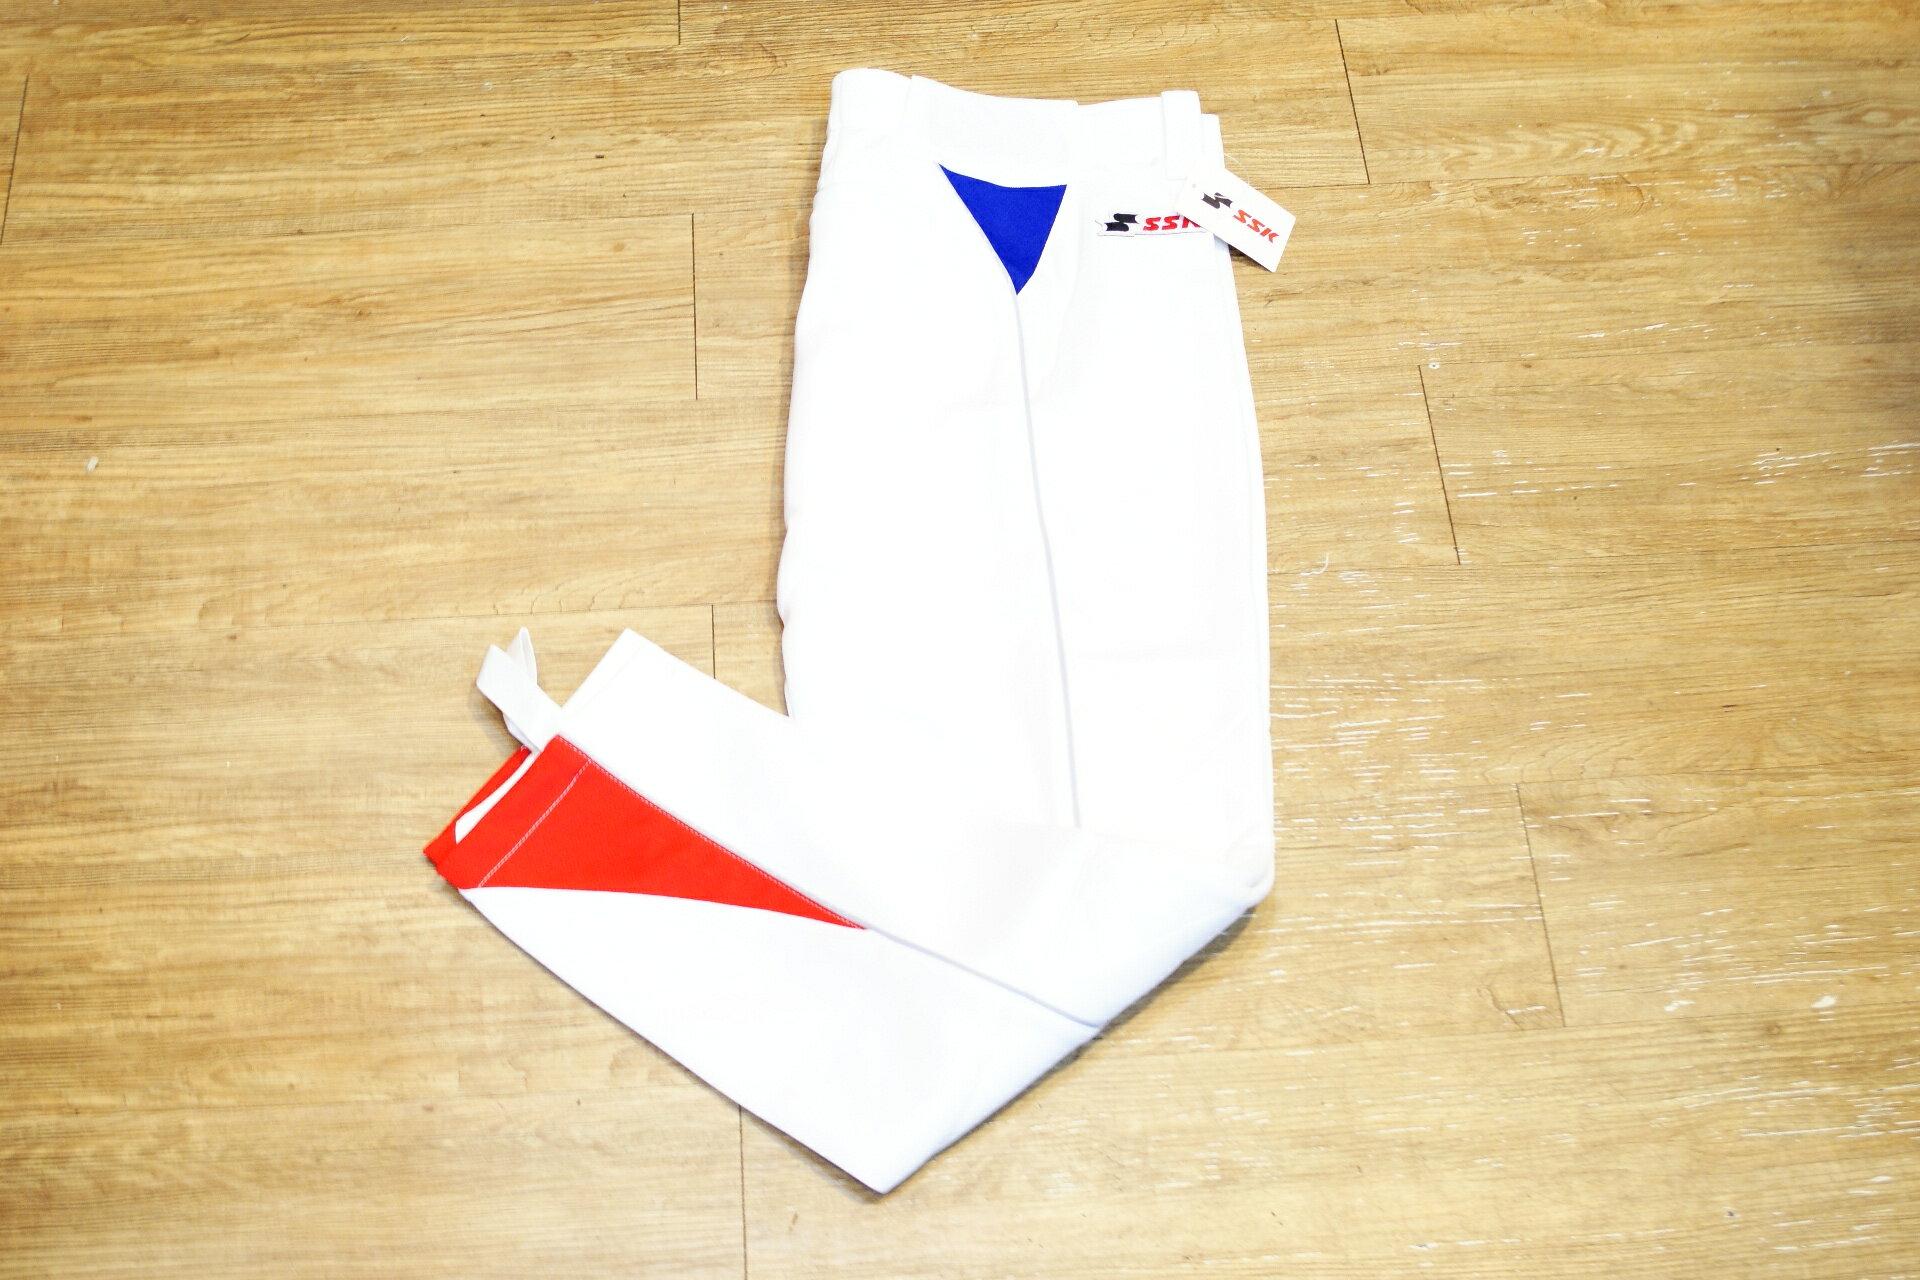 棒球世界 全新SSK棒壘球褲日本養樂多SWALLOWS 配色款 特價 紅藍款式